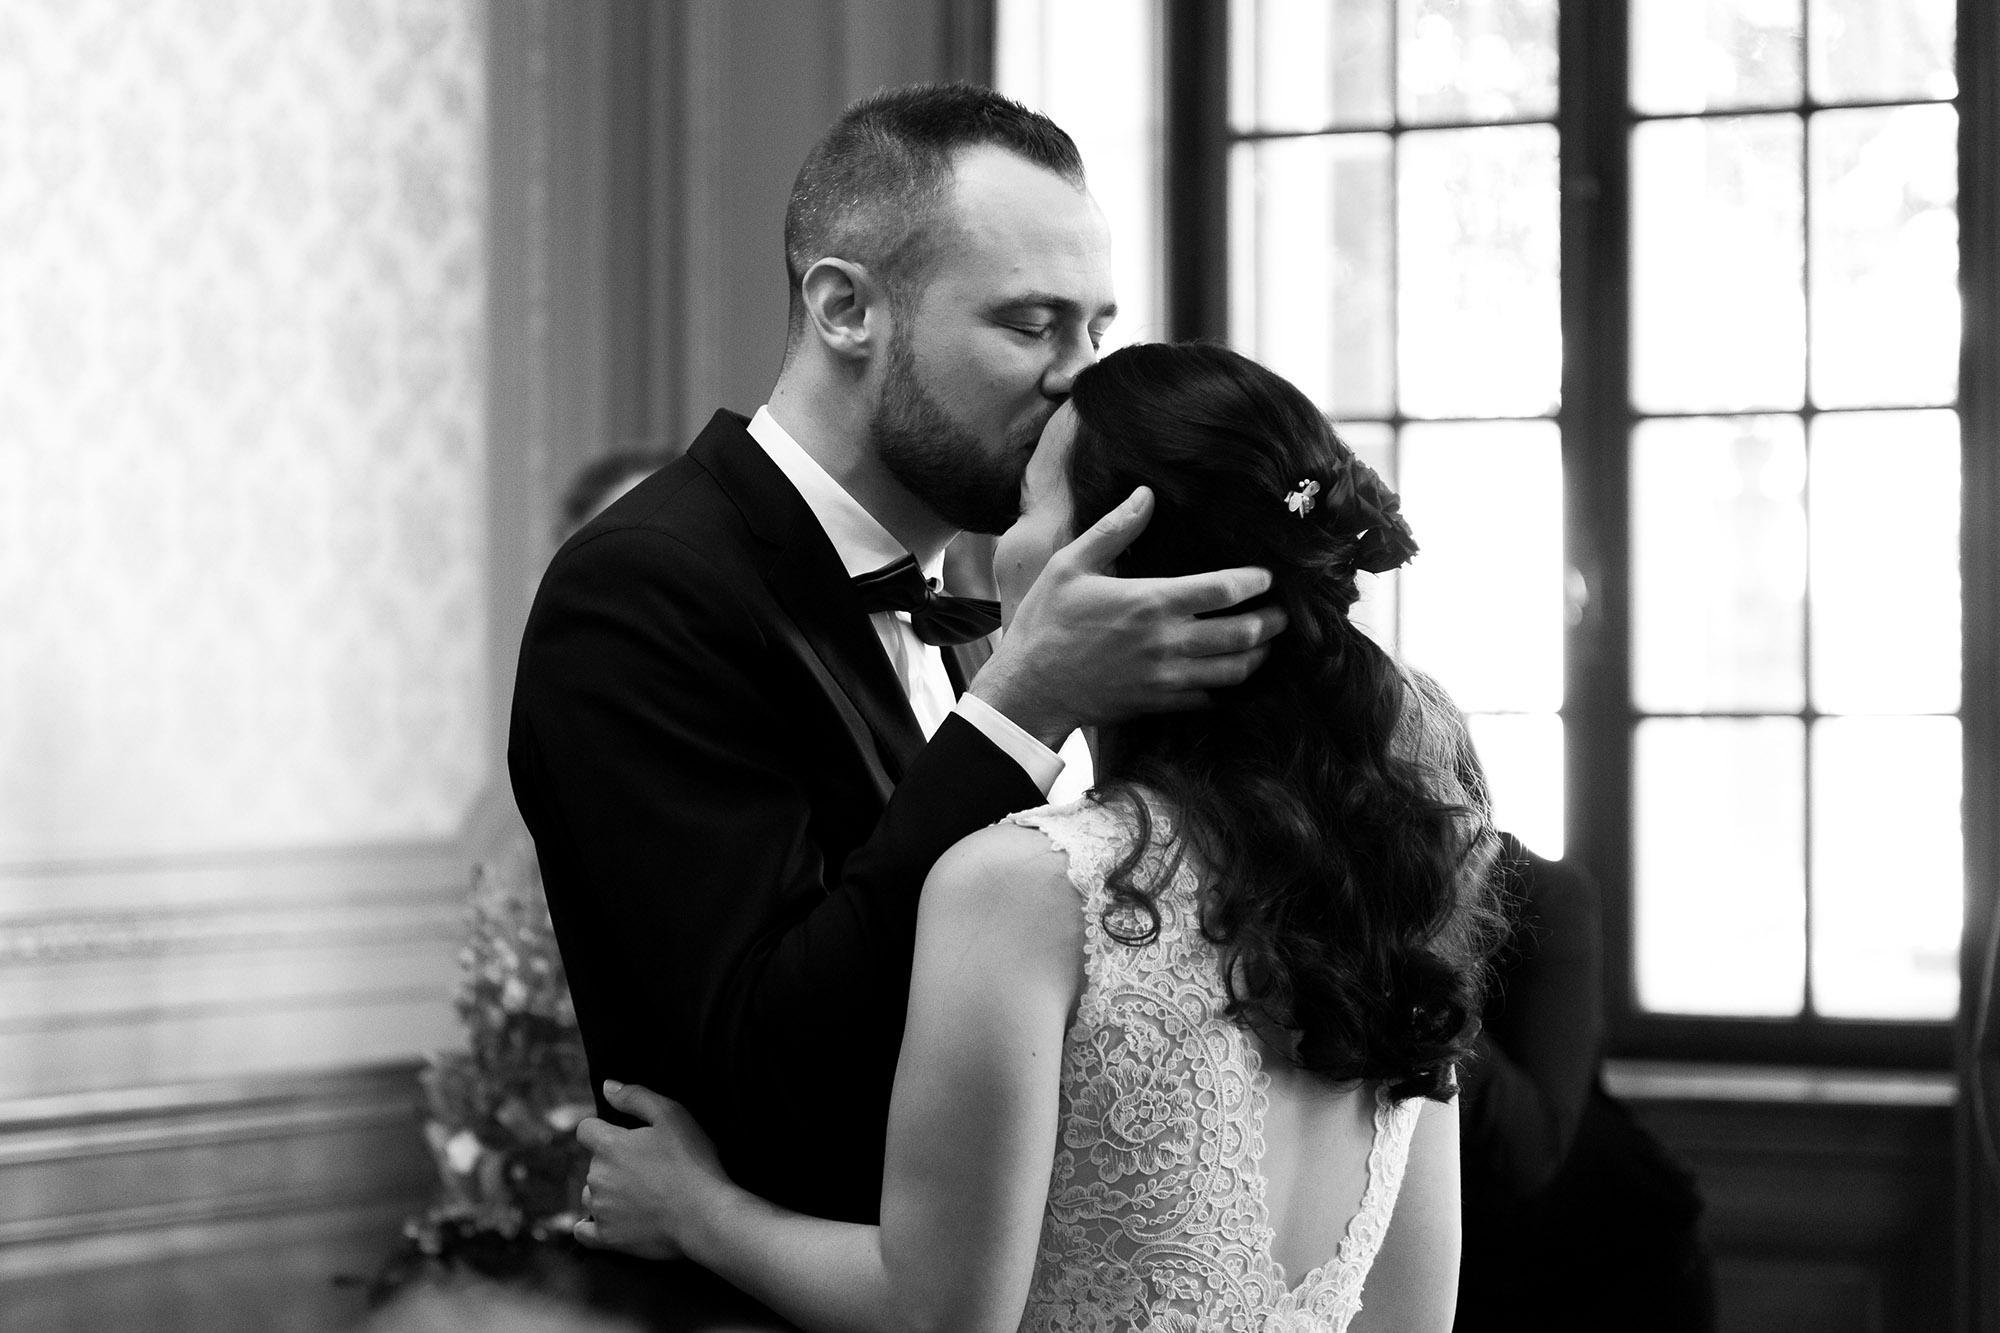 Die zivile Trauung in Basel - Der Bräutigam küsst seiner Frau auf die Stirn